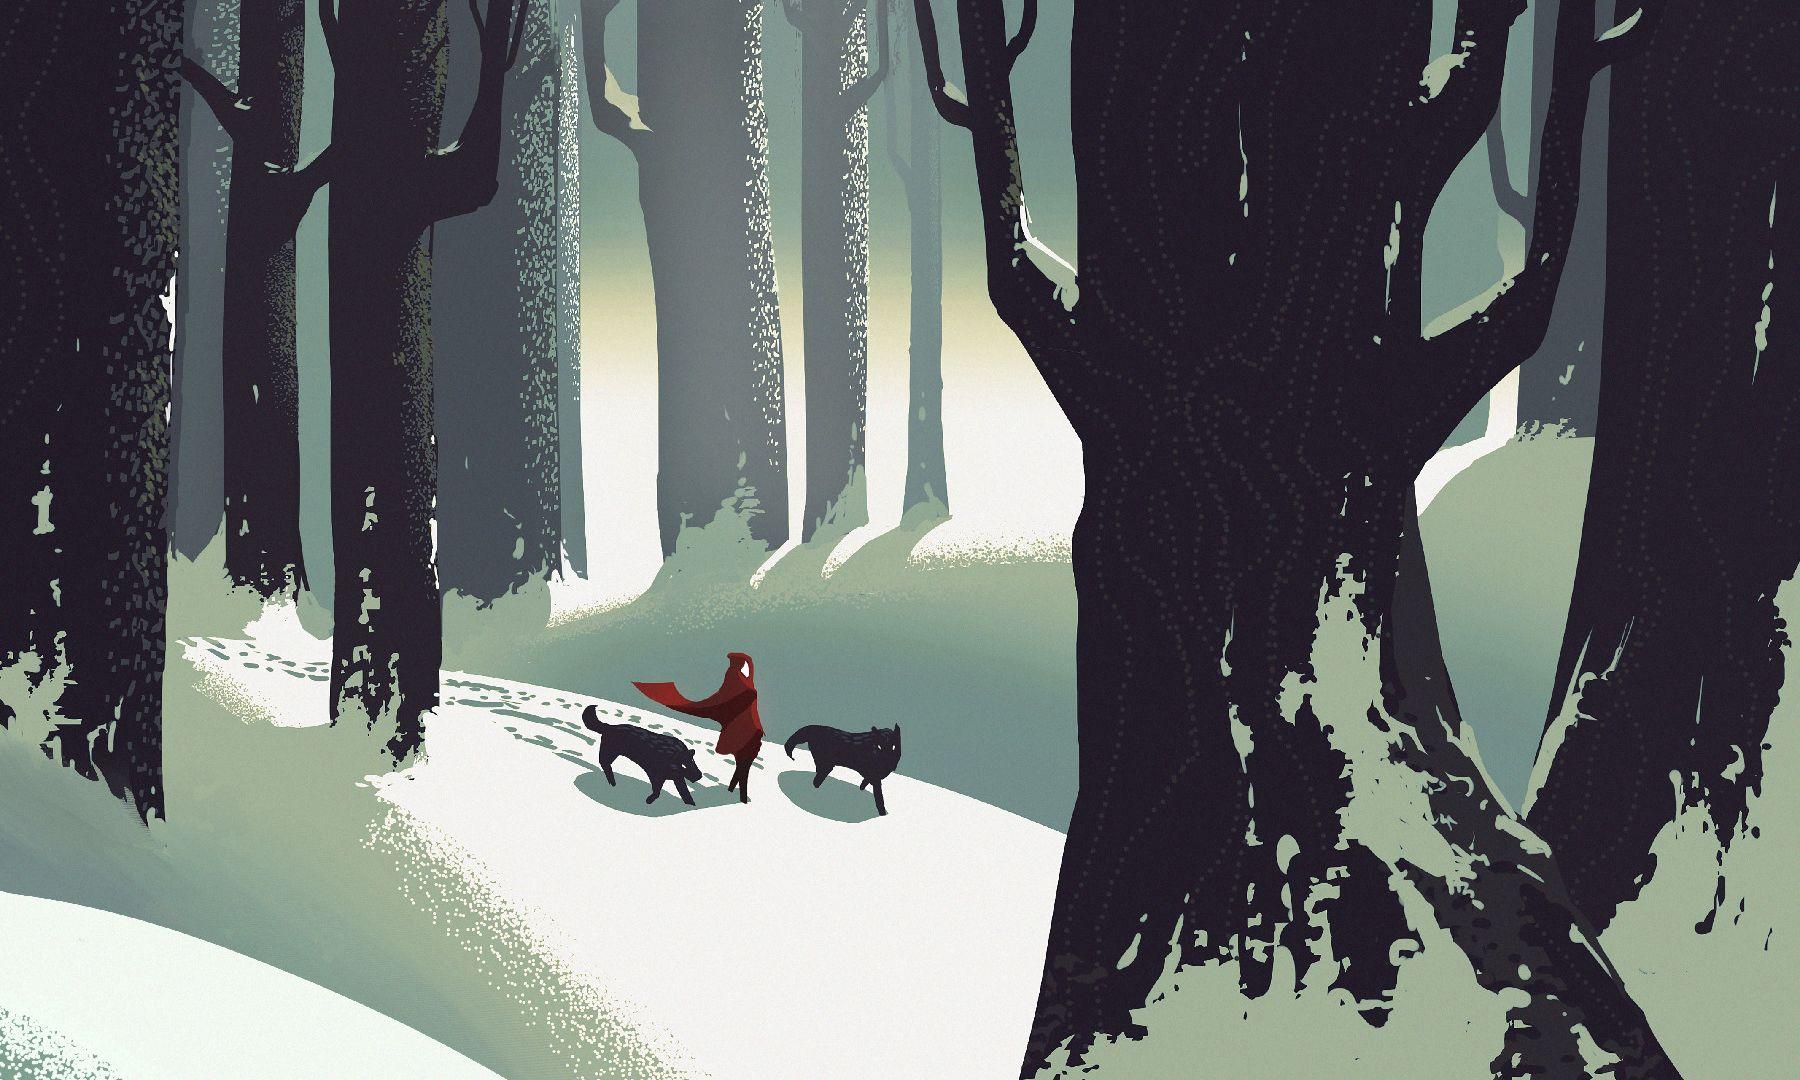 Astronaut Girl Wallpaper Iphone Desktop Wallpaper Little Red Riding Hood Walk Wolf